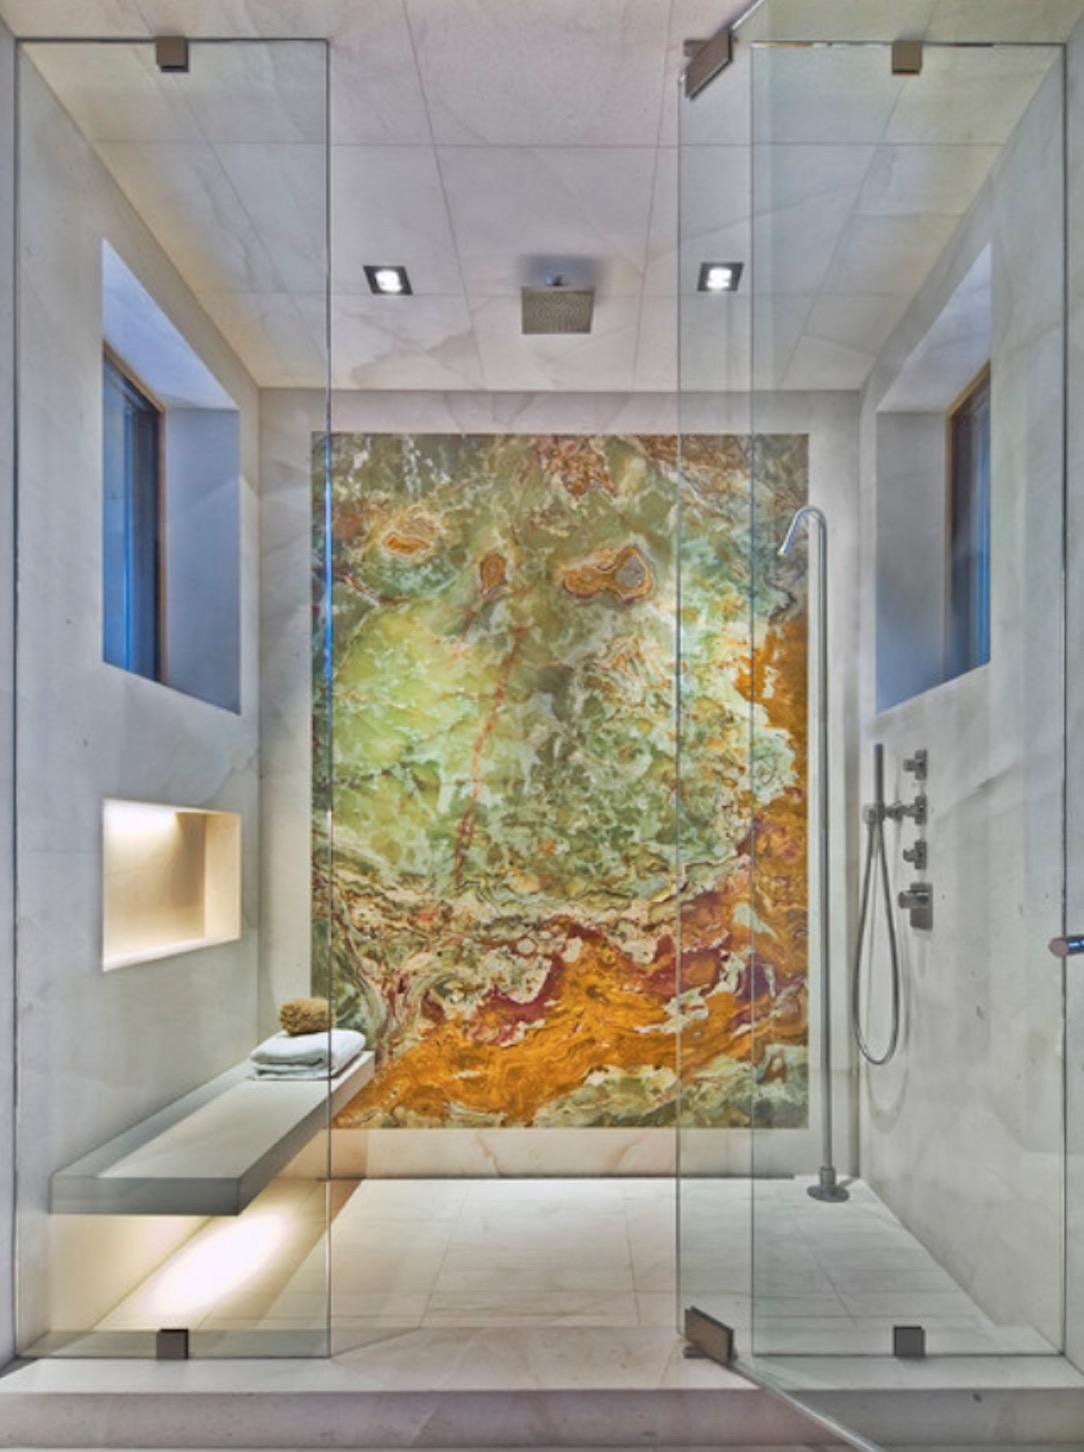 Design A Wet Room: 50 Best Wet Room Design Ideas For 2019